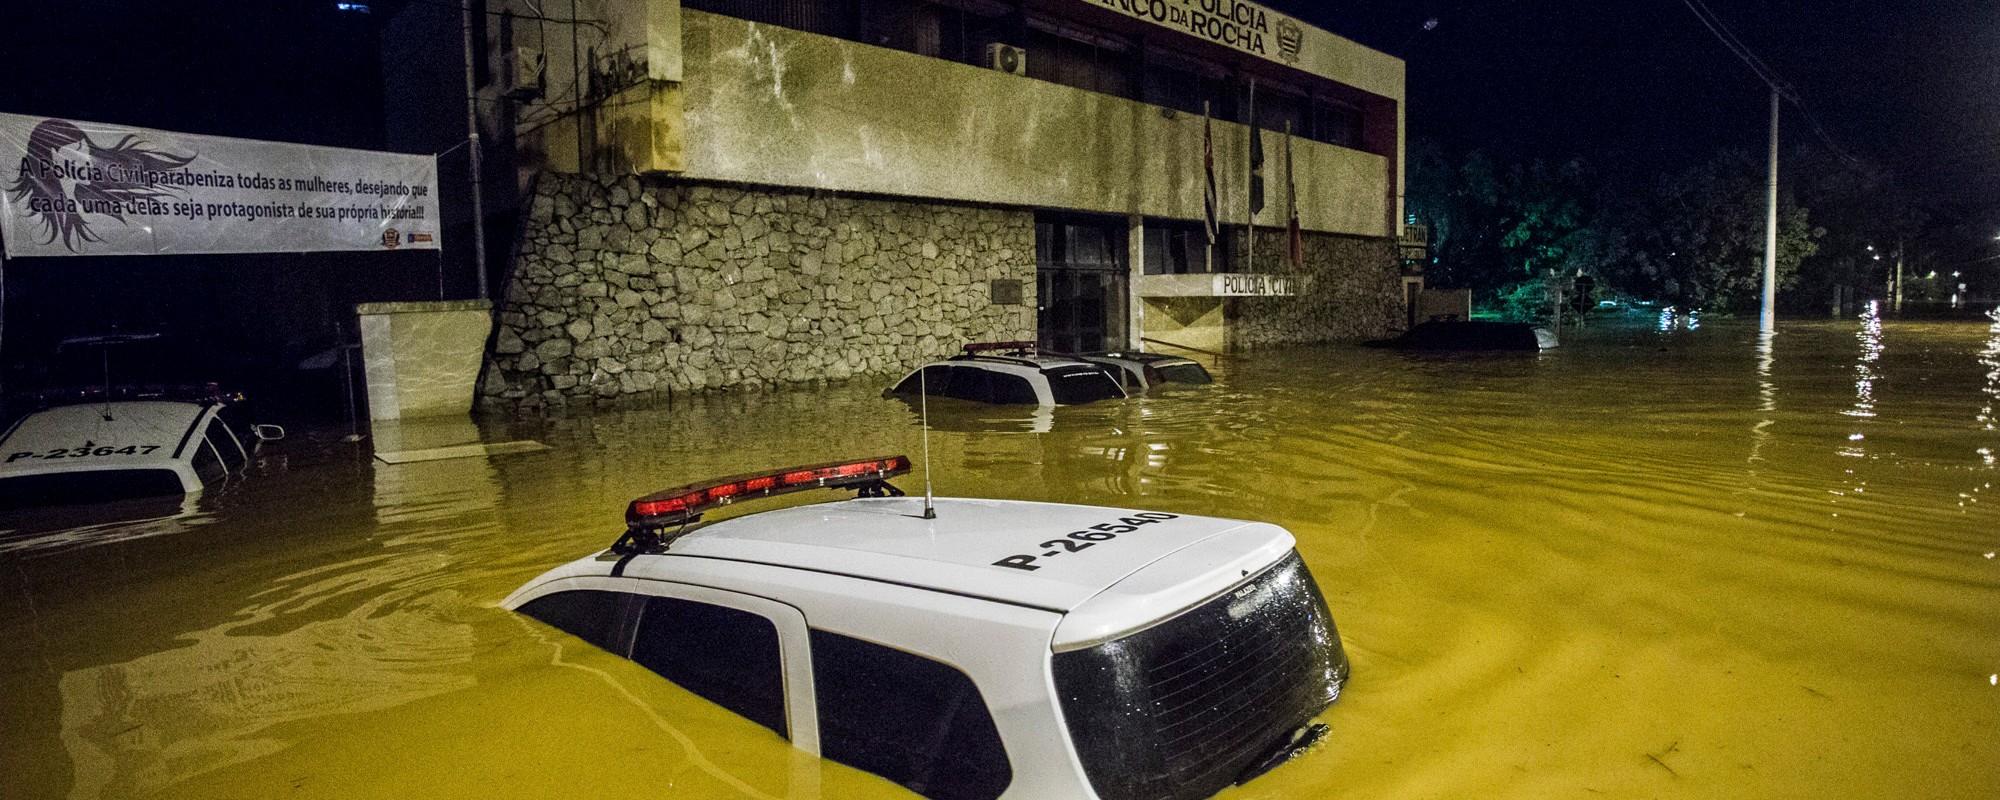 Carros submersos, casas alagadas: o terror das famílias que sofreram com as chuvas de SP